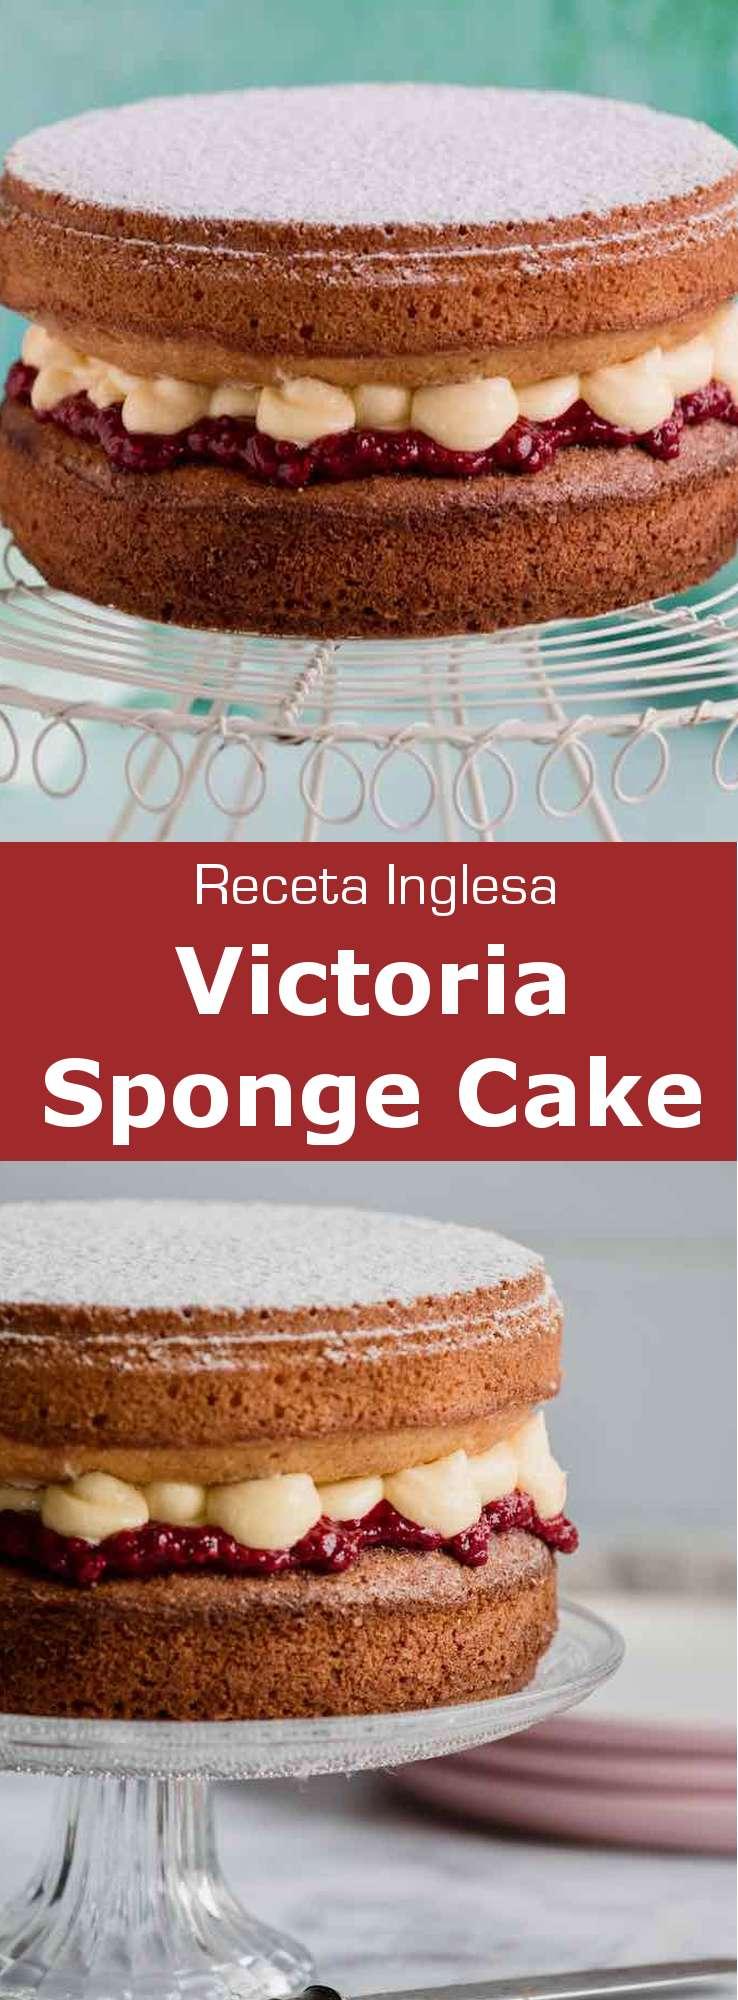 El Victoria sponge cake es un tradicional pastel inglés que contiene mermelada de frambuesa y crema de vainilla entre dos capas de bizcocho.